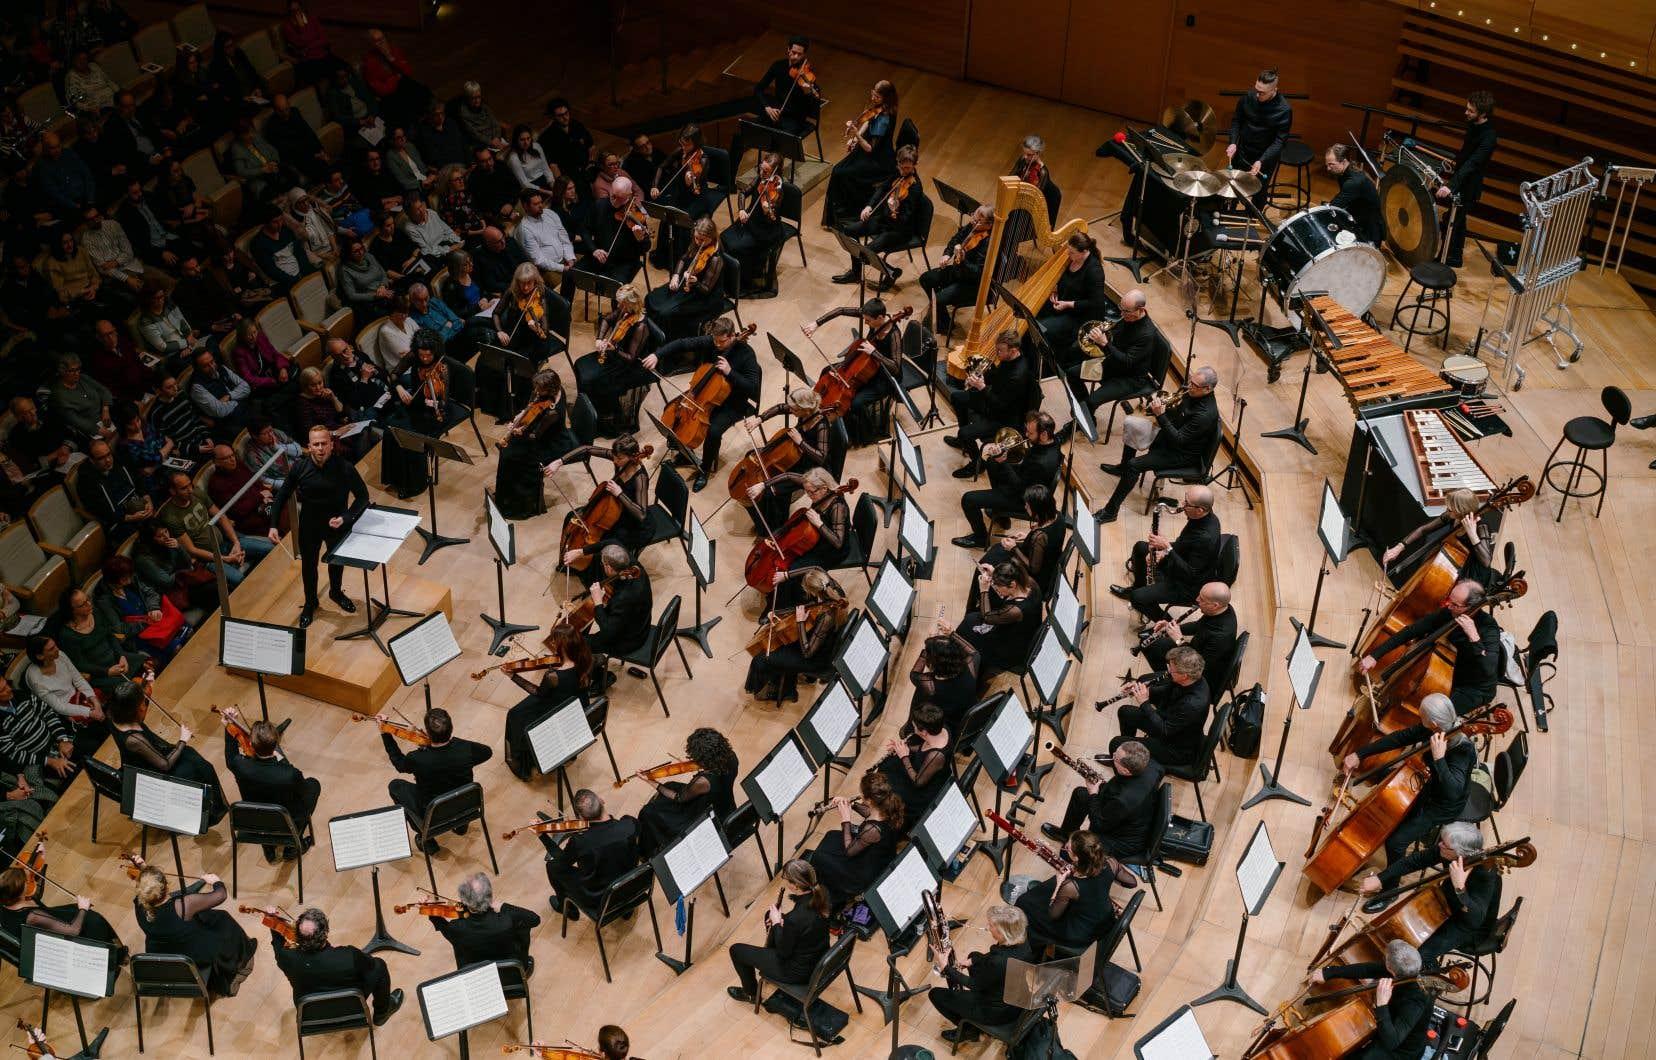 Les concerts de l'OM seront de 75 minutes, sans pause, et accueilleront le maximum de spectateurs permis, soit 250, selon les règles en vigueur pour le moment.